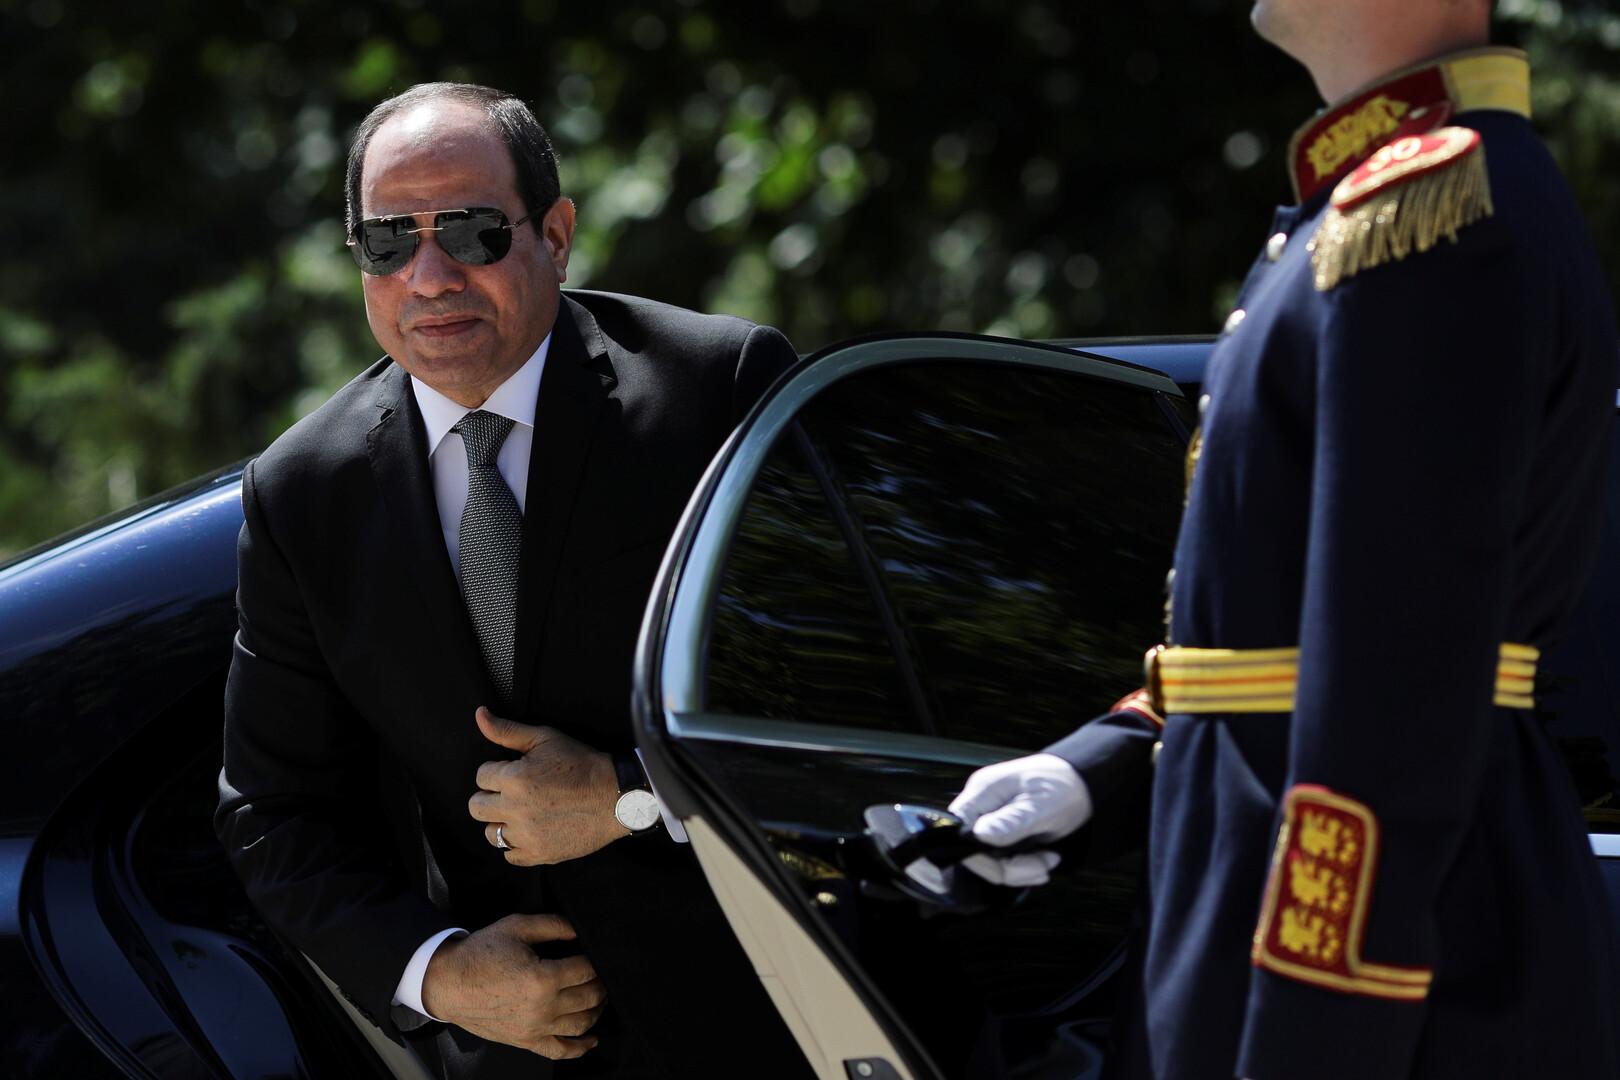 السيسي يغادر مصر متوجها إلى نيويورك للمشاركة في الجمعية العامة للأمم المتحدة